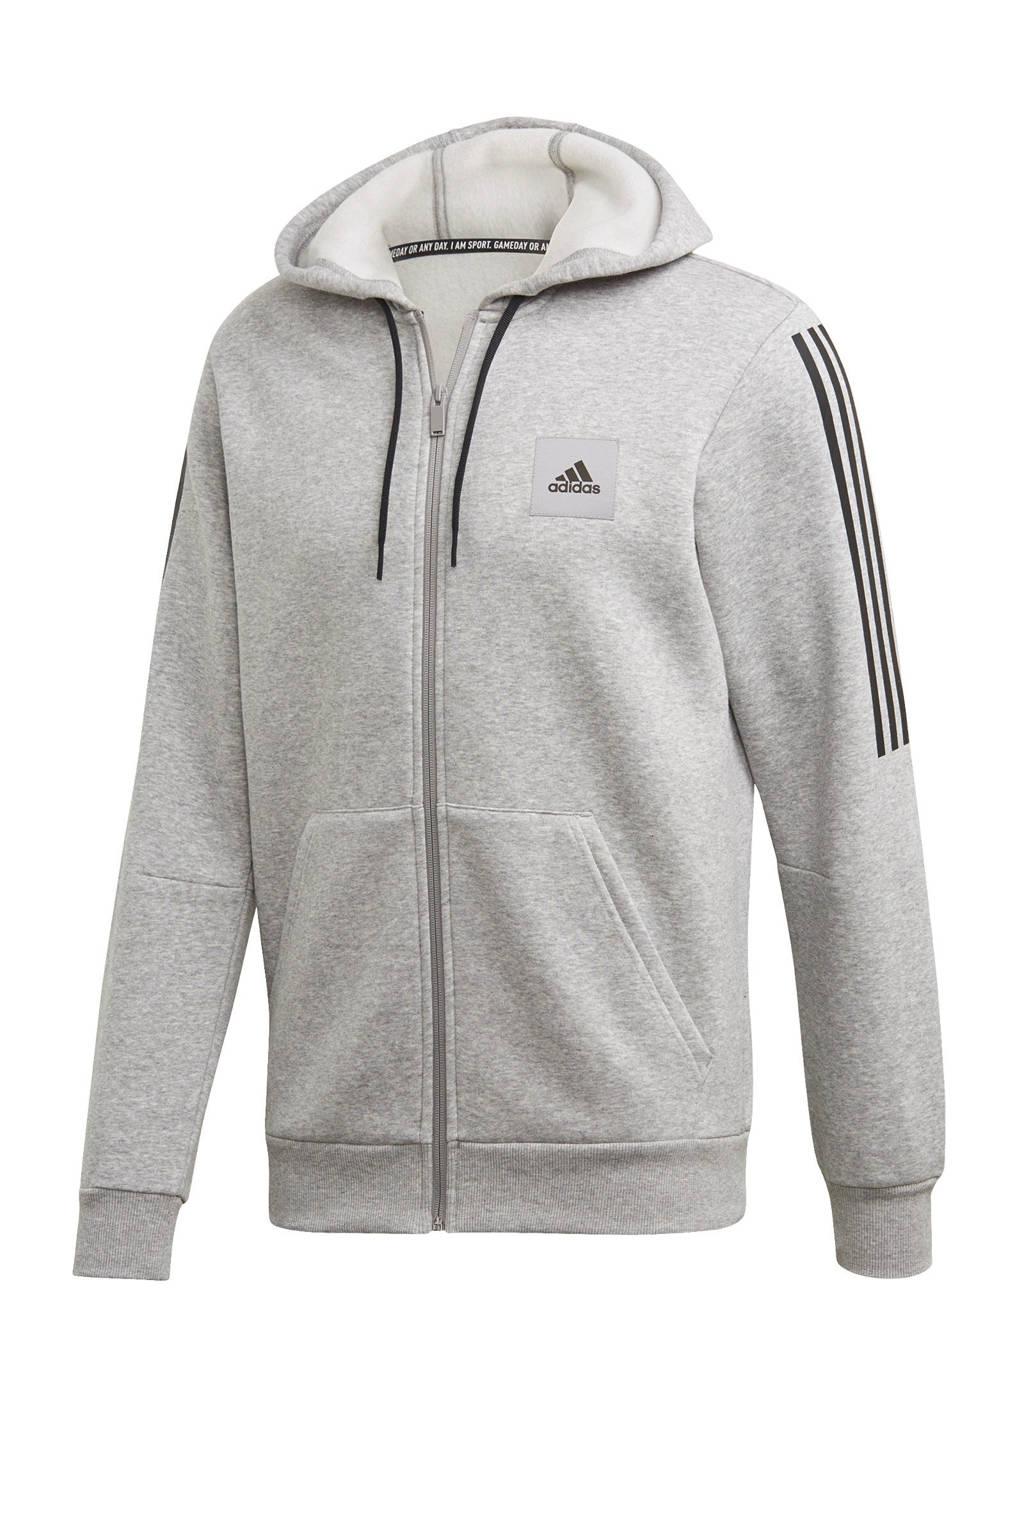 adidas   sportvest grijs/zwart, Grijs/zwart